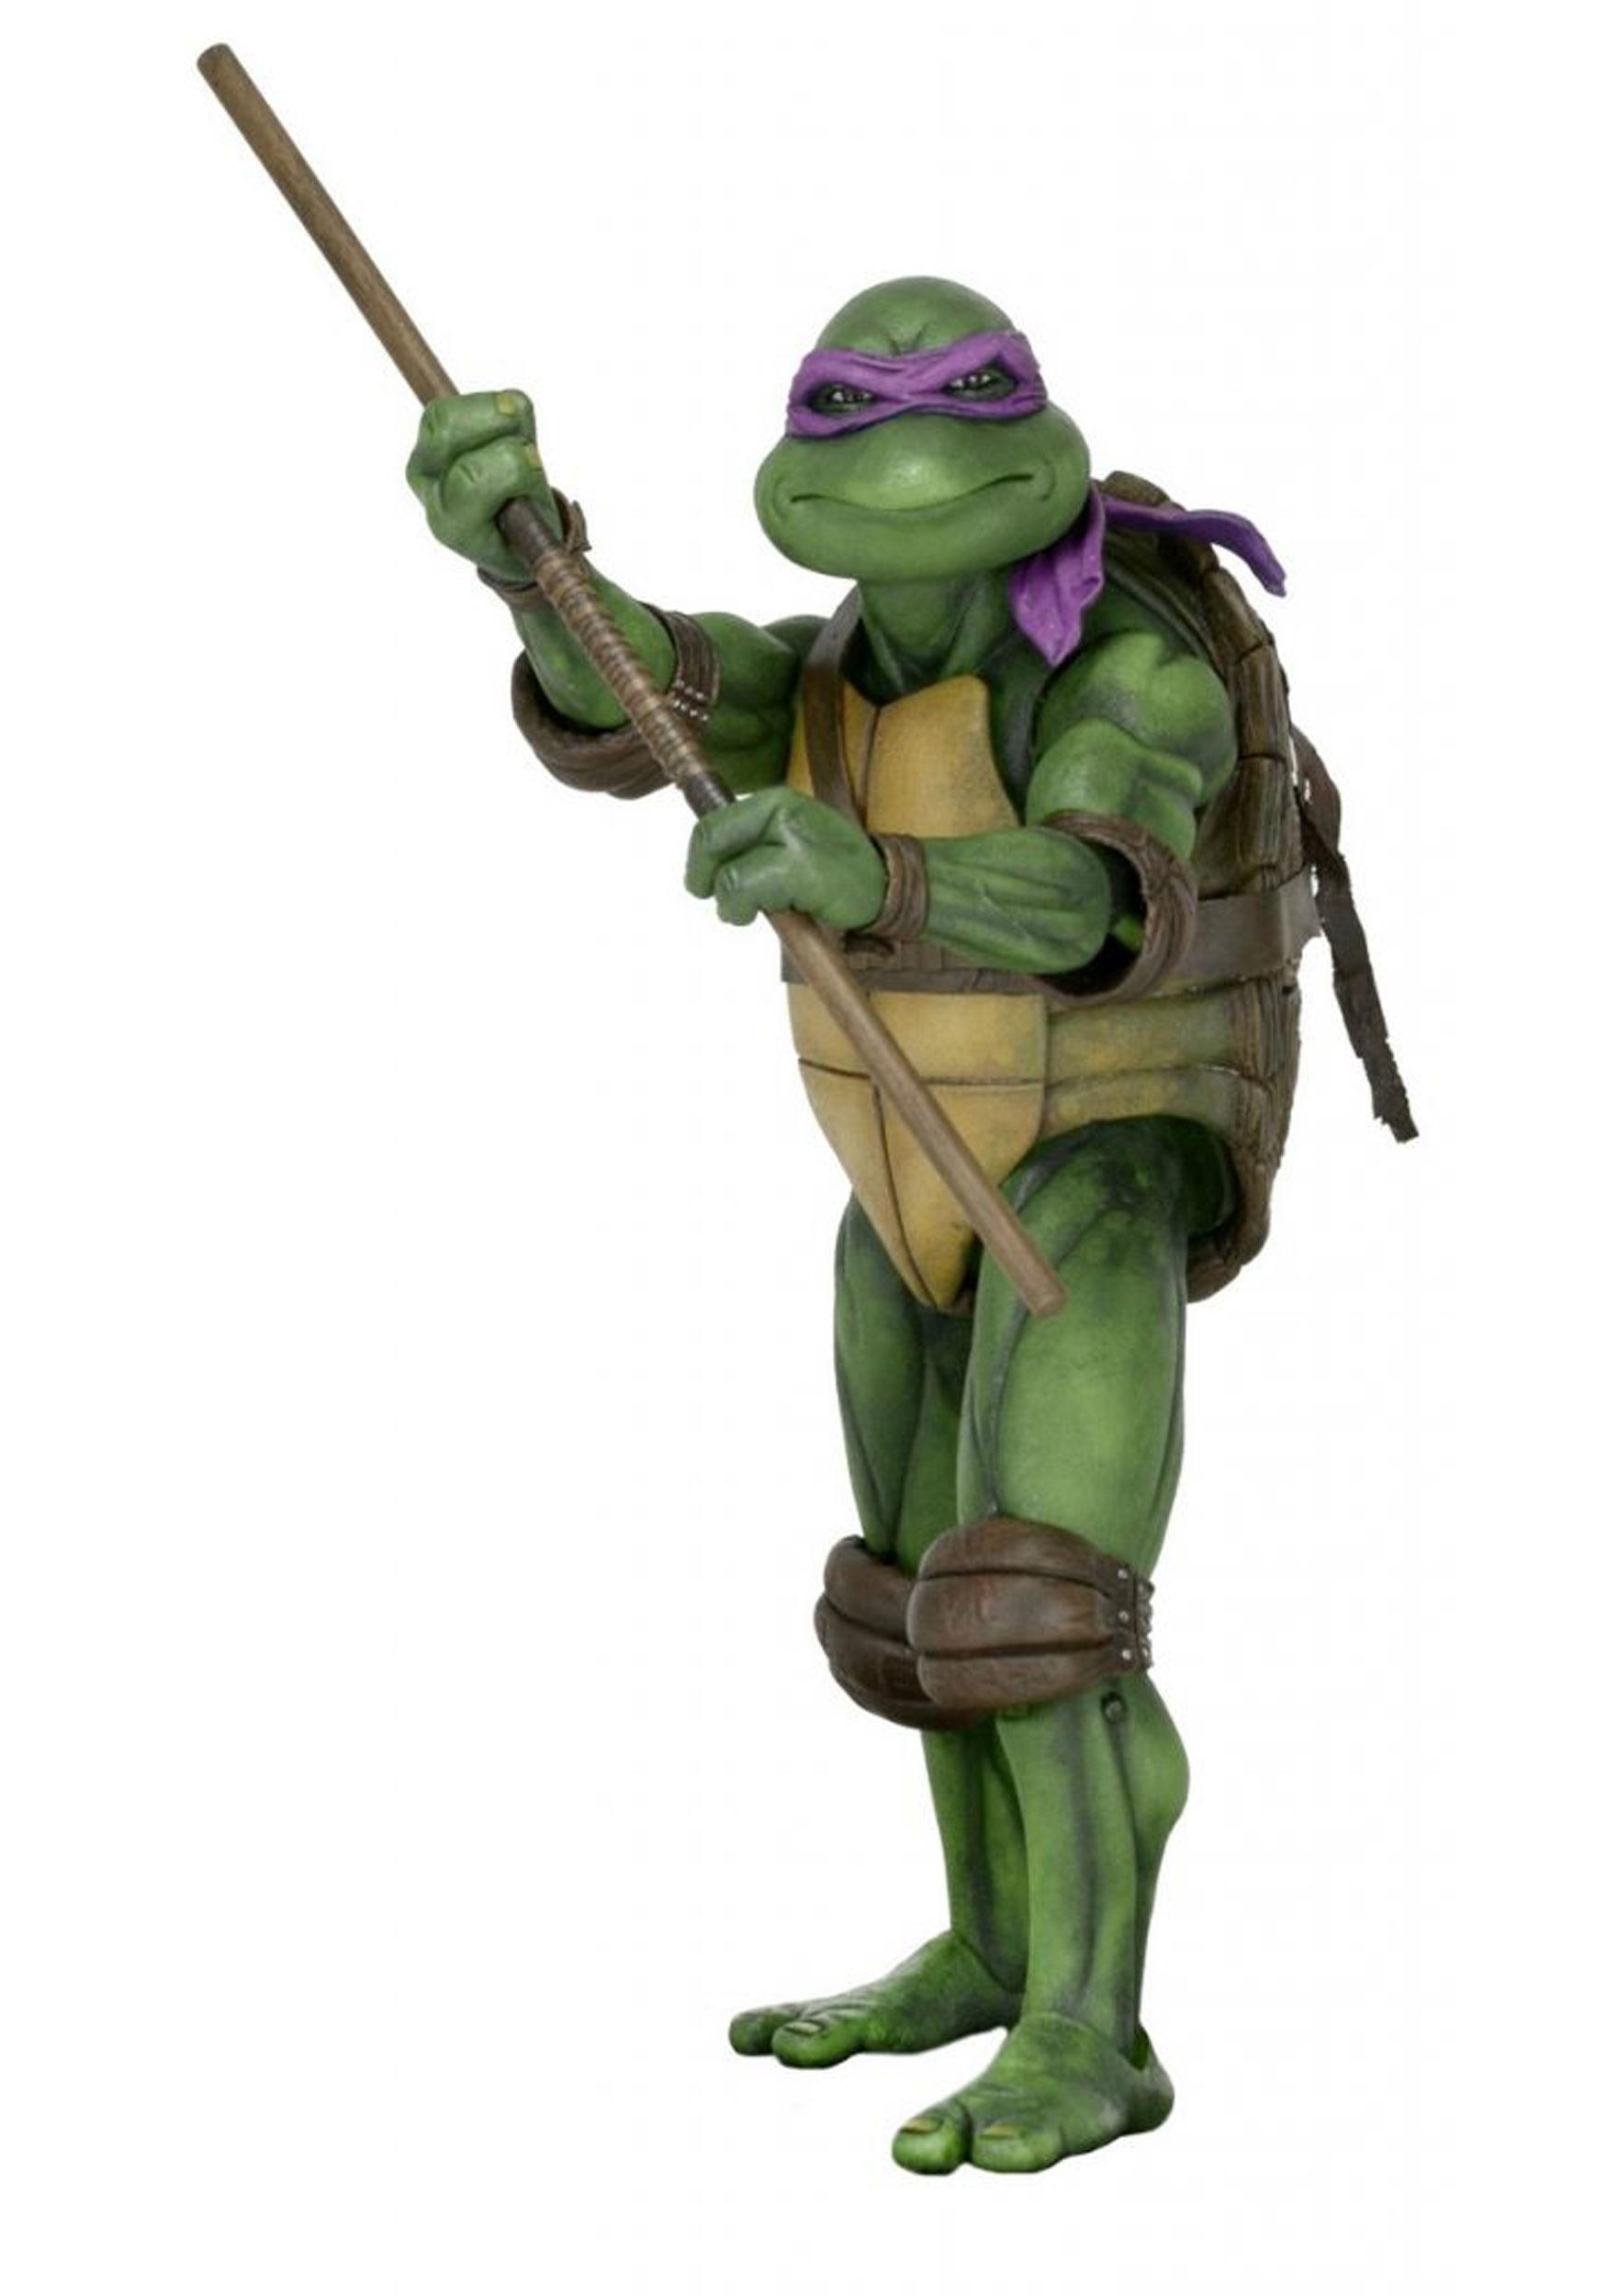 Donatello Teenage Mutant Ninja Turtles Statue